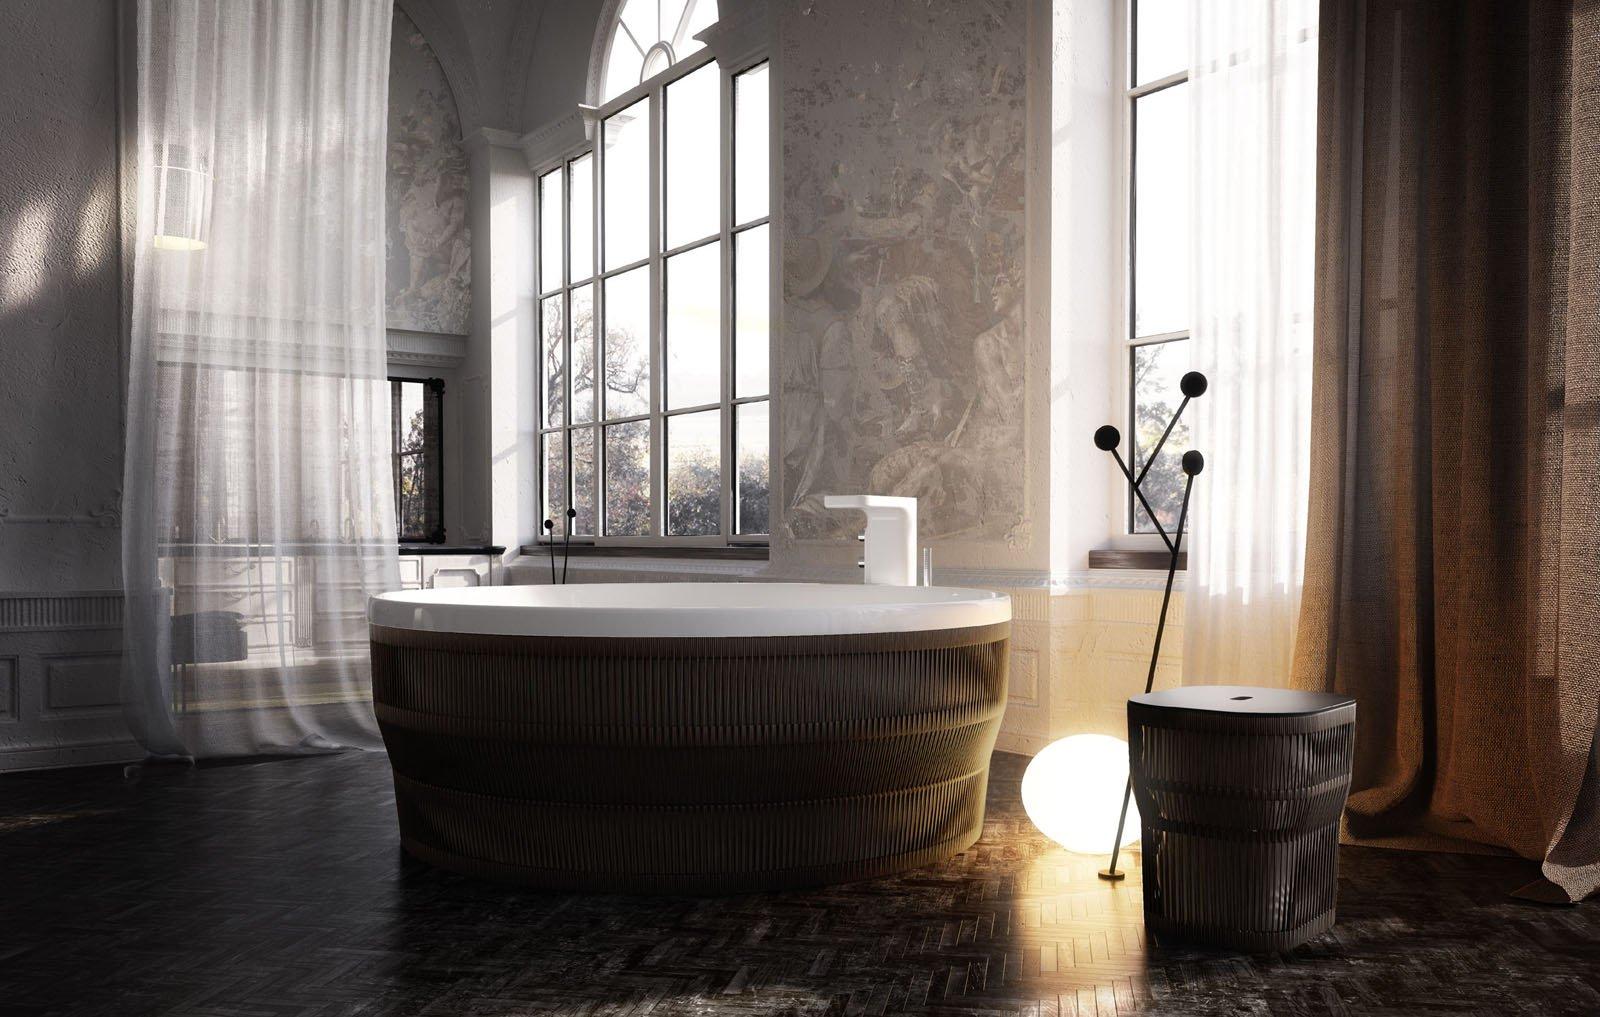 Vasca Da Bagno Teuco 160x70 : Vasca bagno glass. Vasca da bagno ...